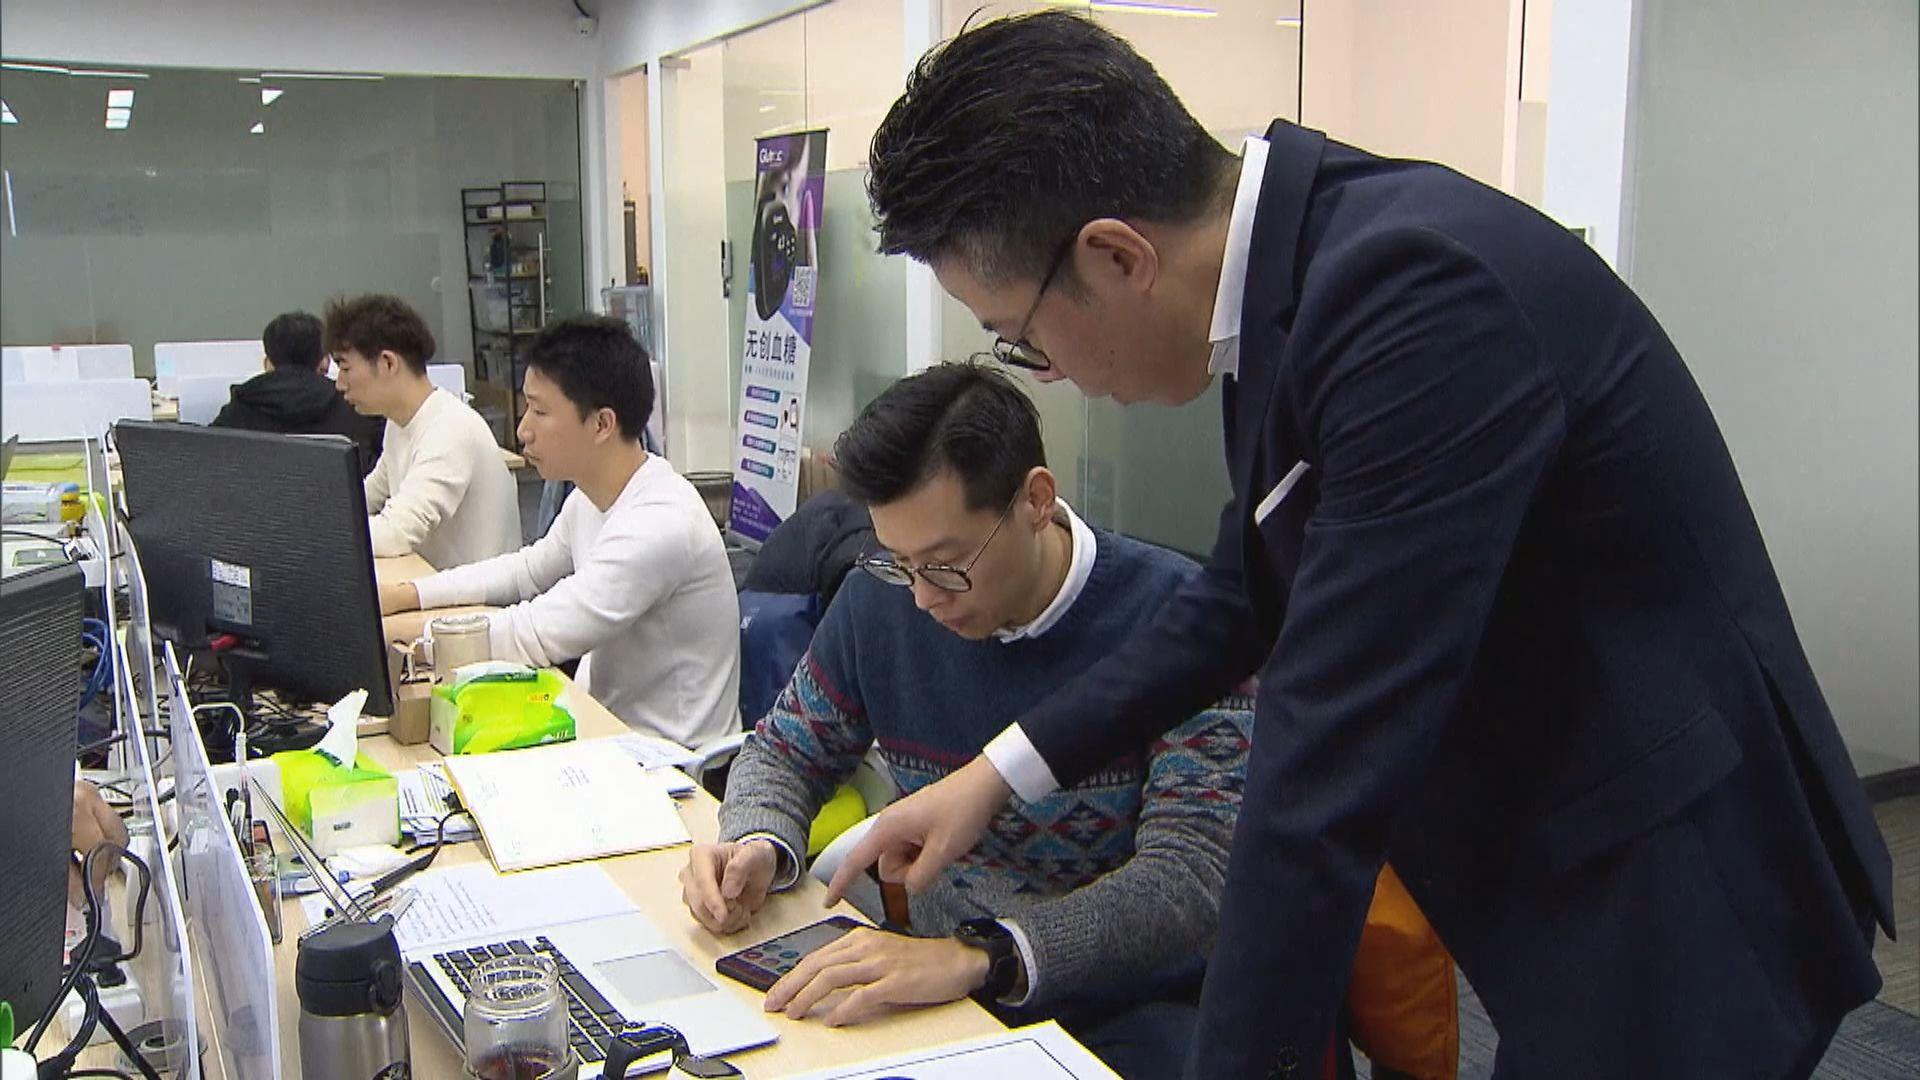 【大灣區青年就業計劃】有創科公司指港生在語言及創新技術較有優勢